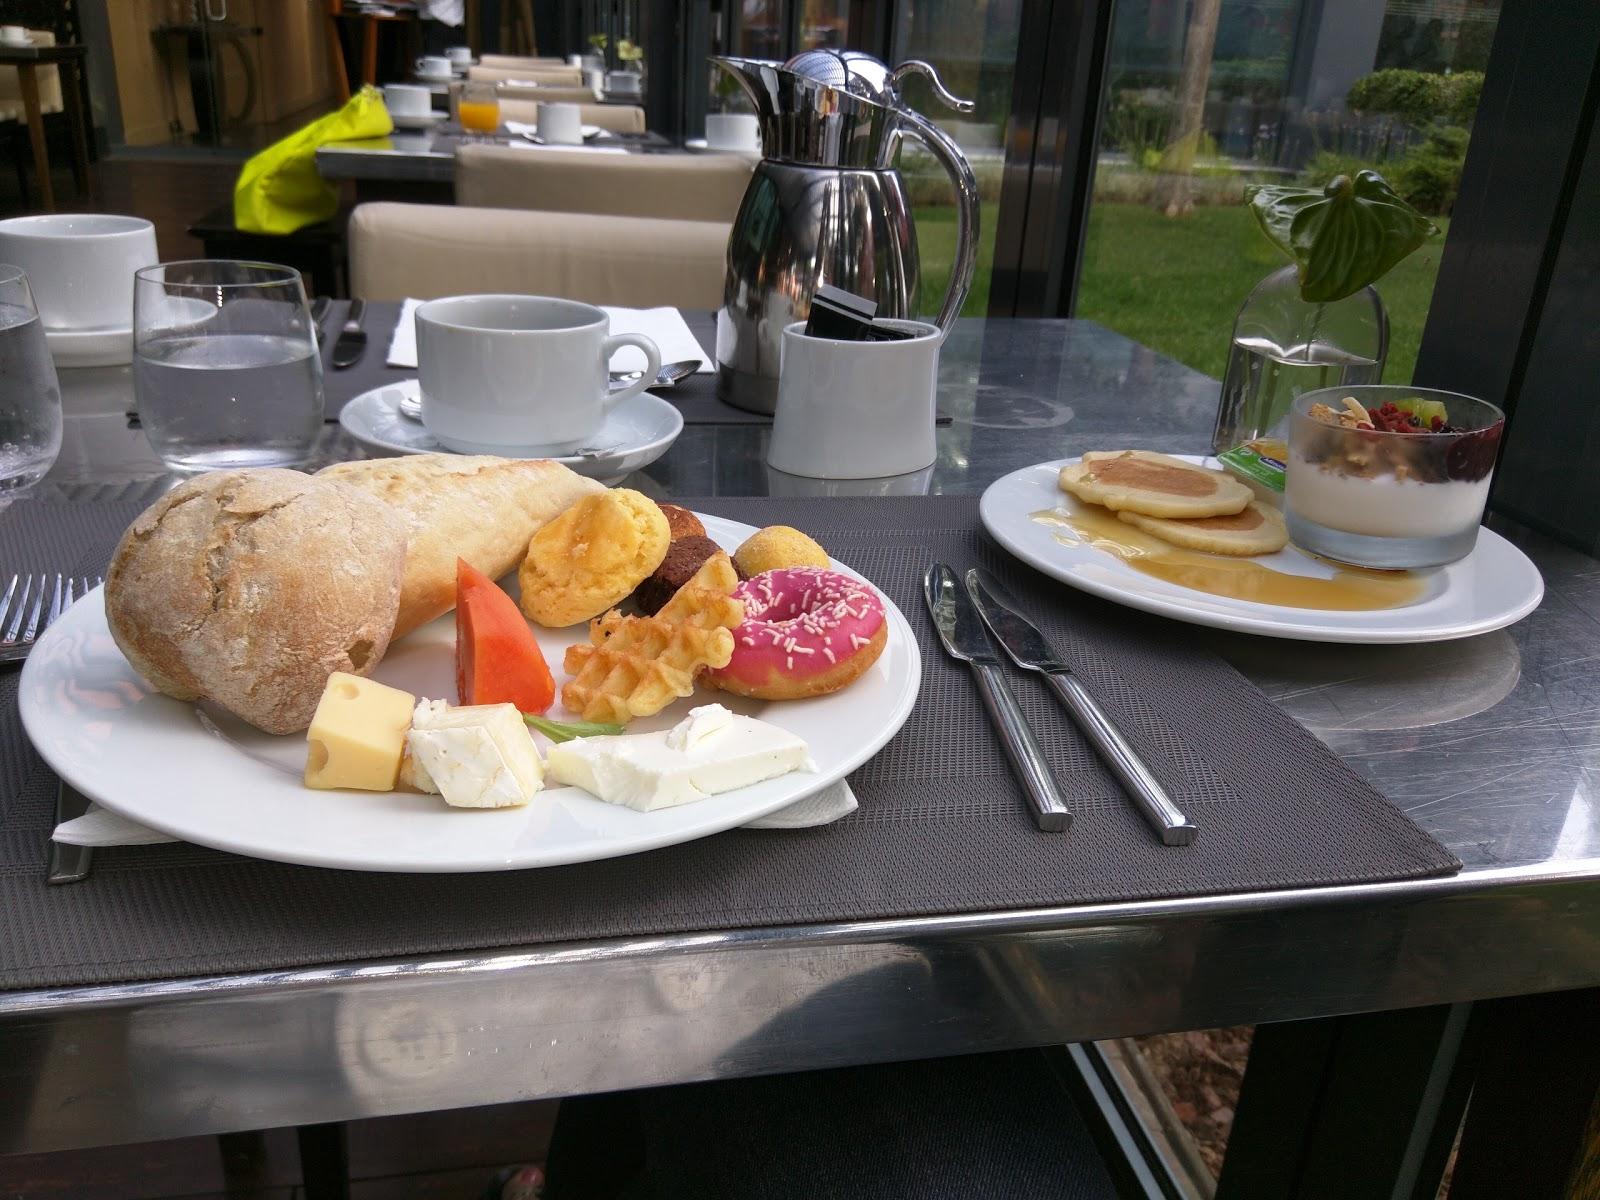 breakfast buffet at glass sheraton cascais portugal julie s rh juliesdiningclub blogspot com sheraton breakfast buffet maui sheraton breakfast buffet gold coast